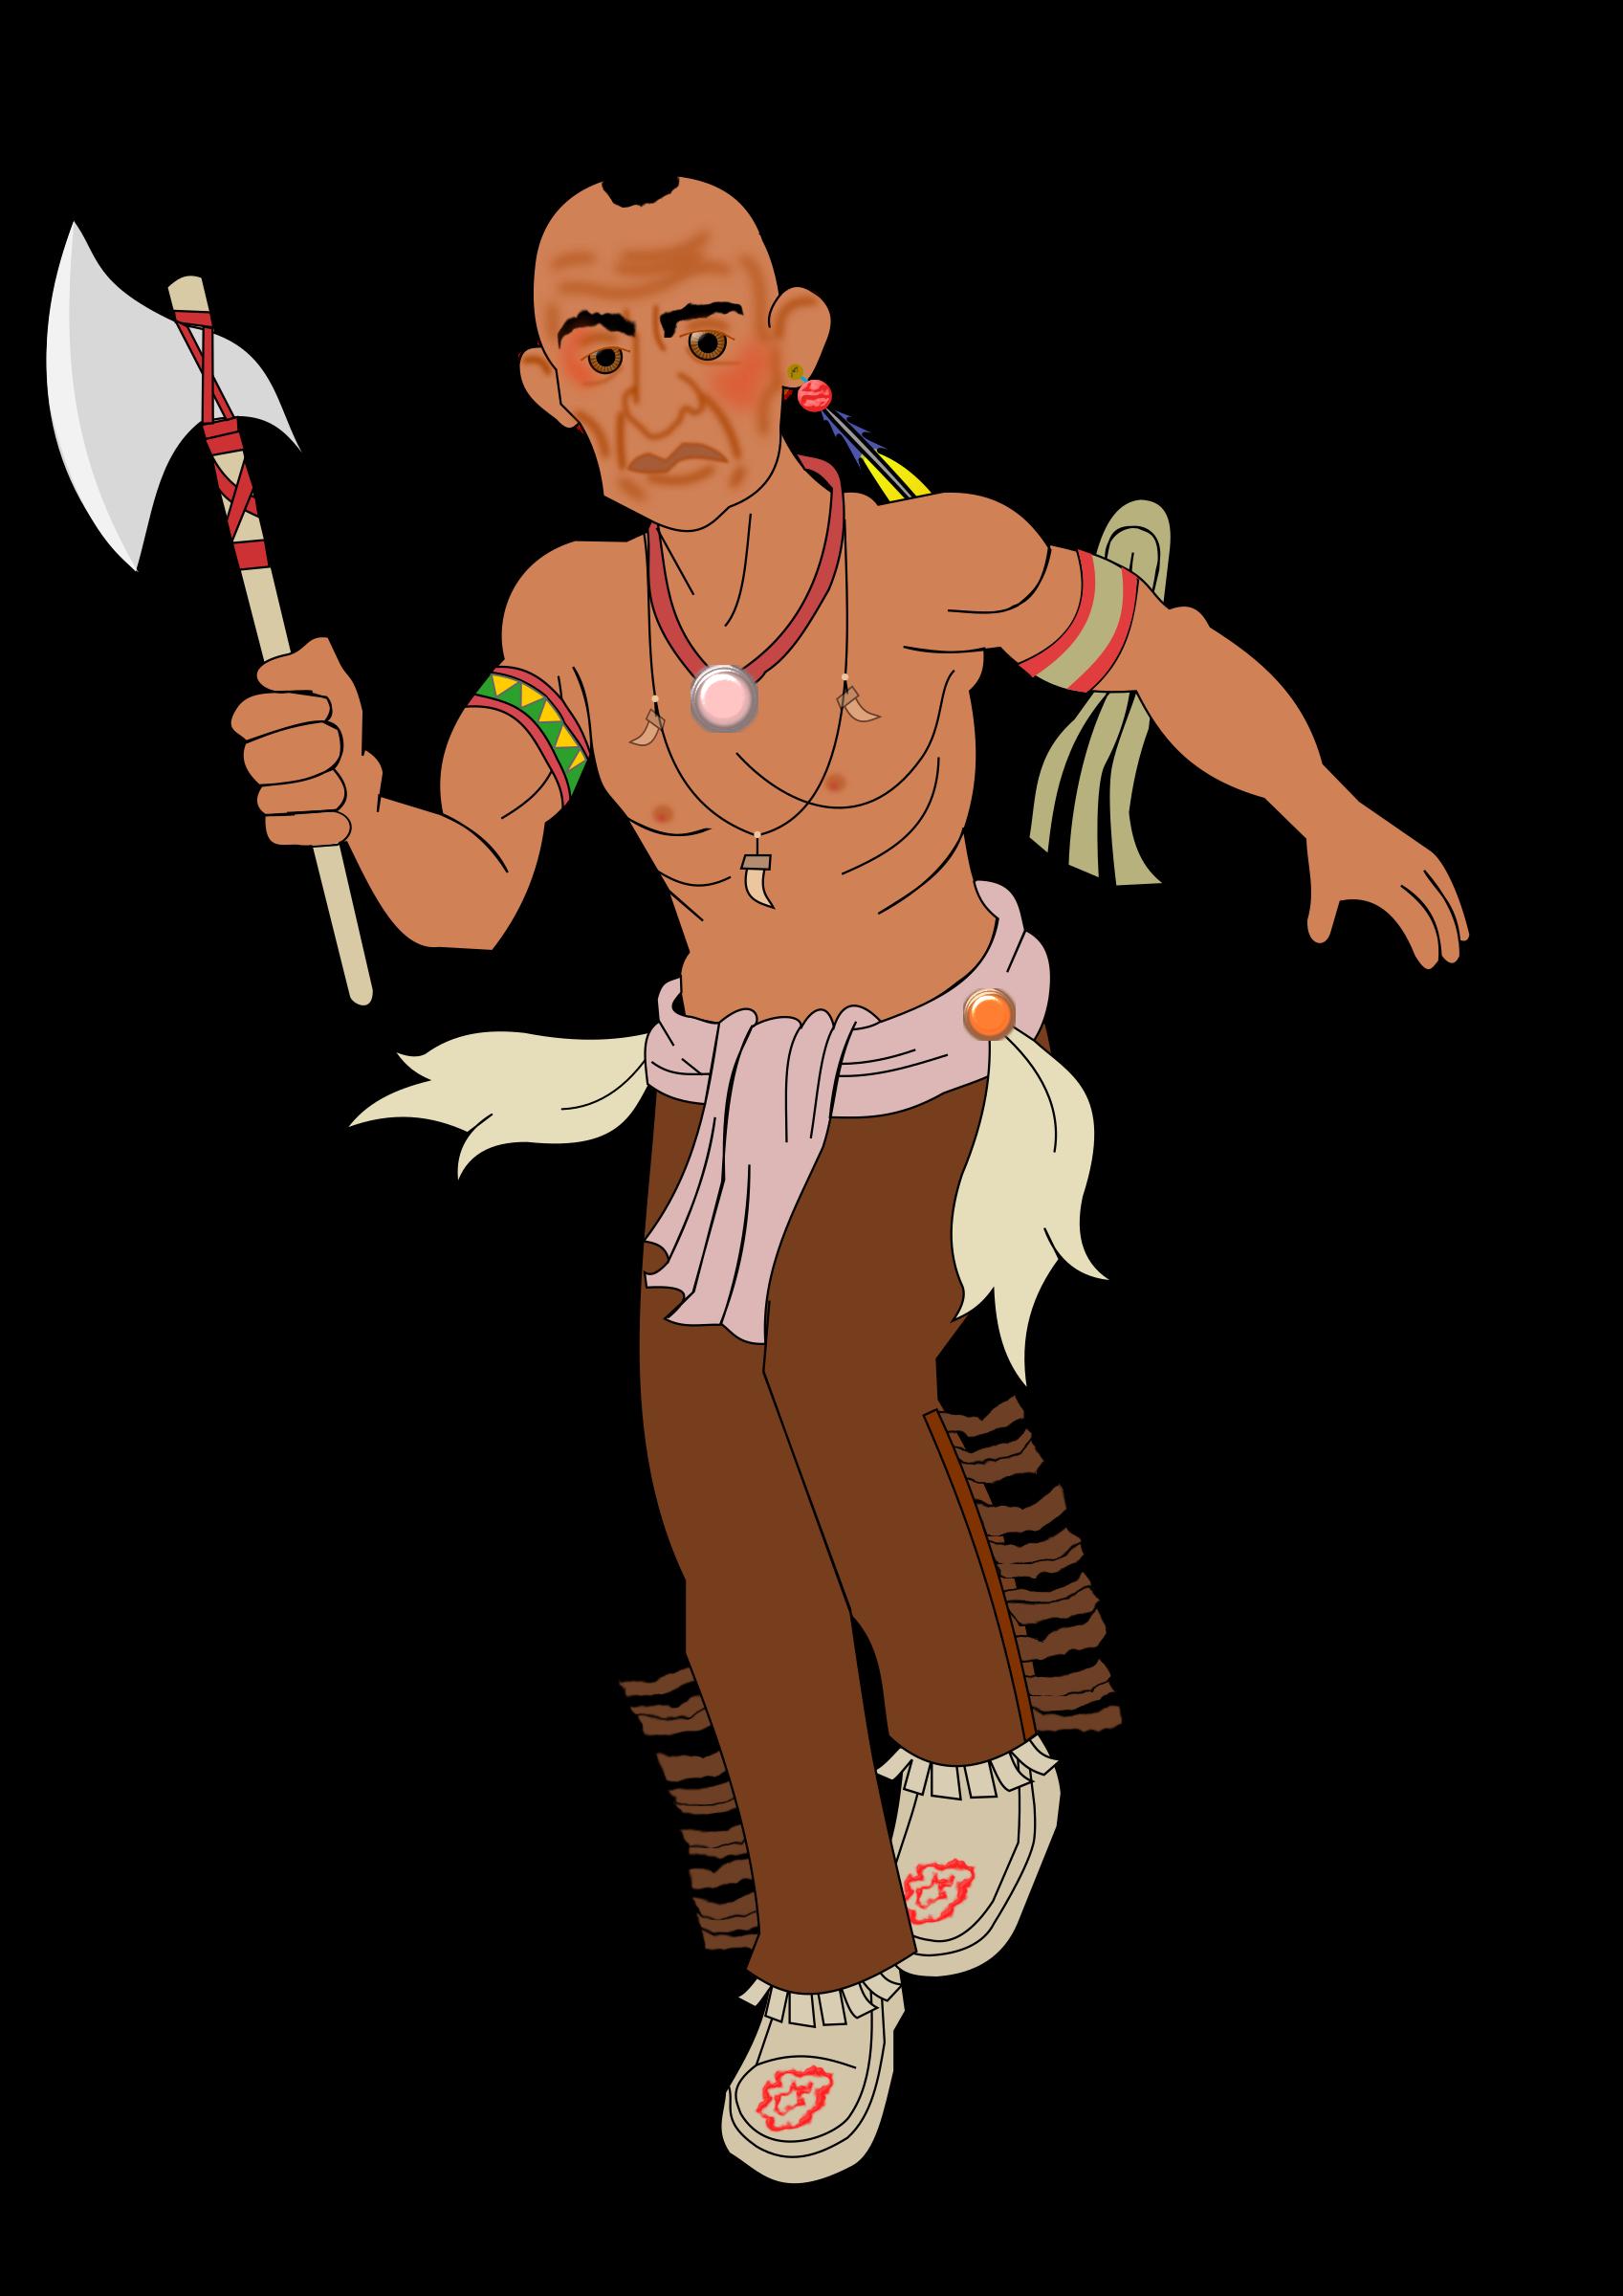 Веселые картинки про индейцев, открытка поздравление